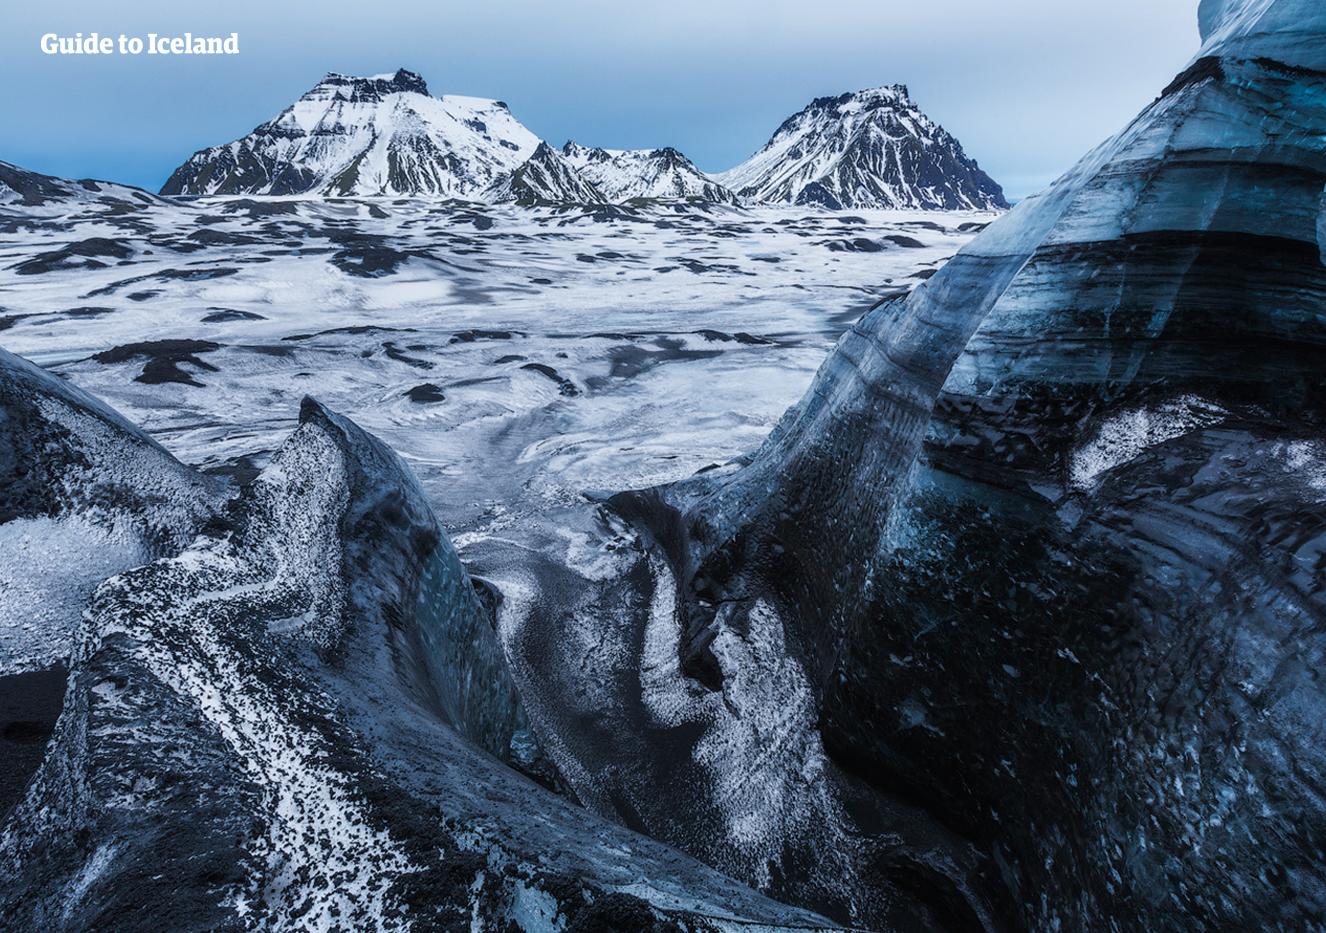 冰岛南岸米尔达斯冰川之顶混杂了火山爆发遗留的火山灰